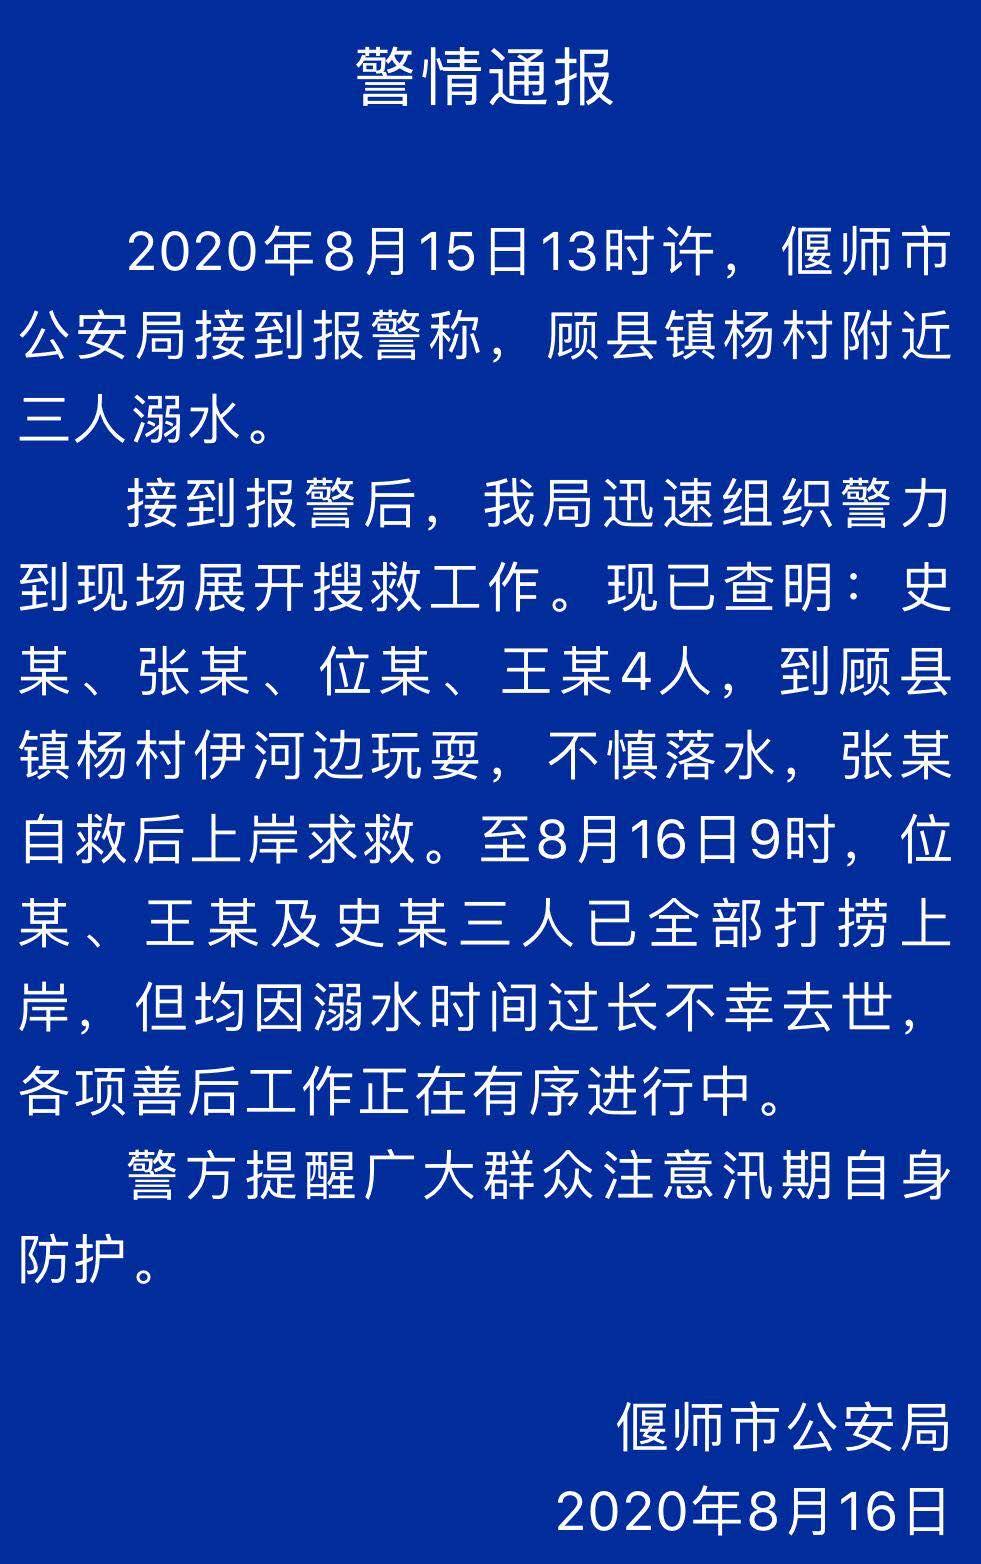 痛心!洛阳偃师县发生4人落水3人溺亡事件